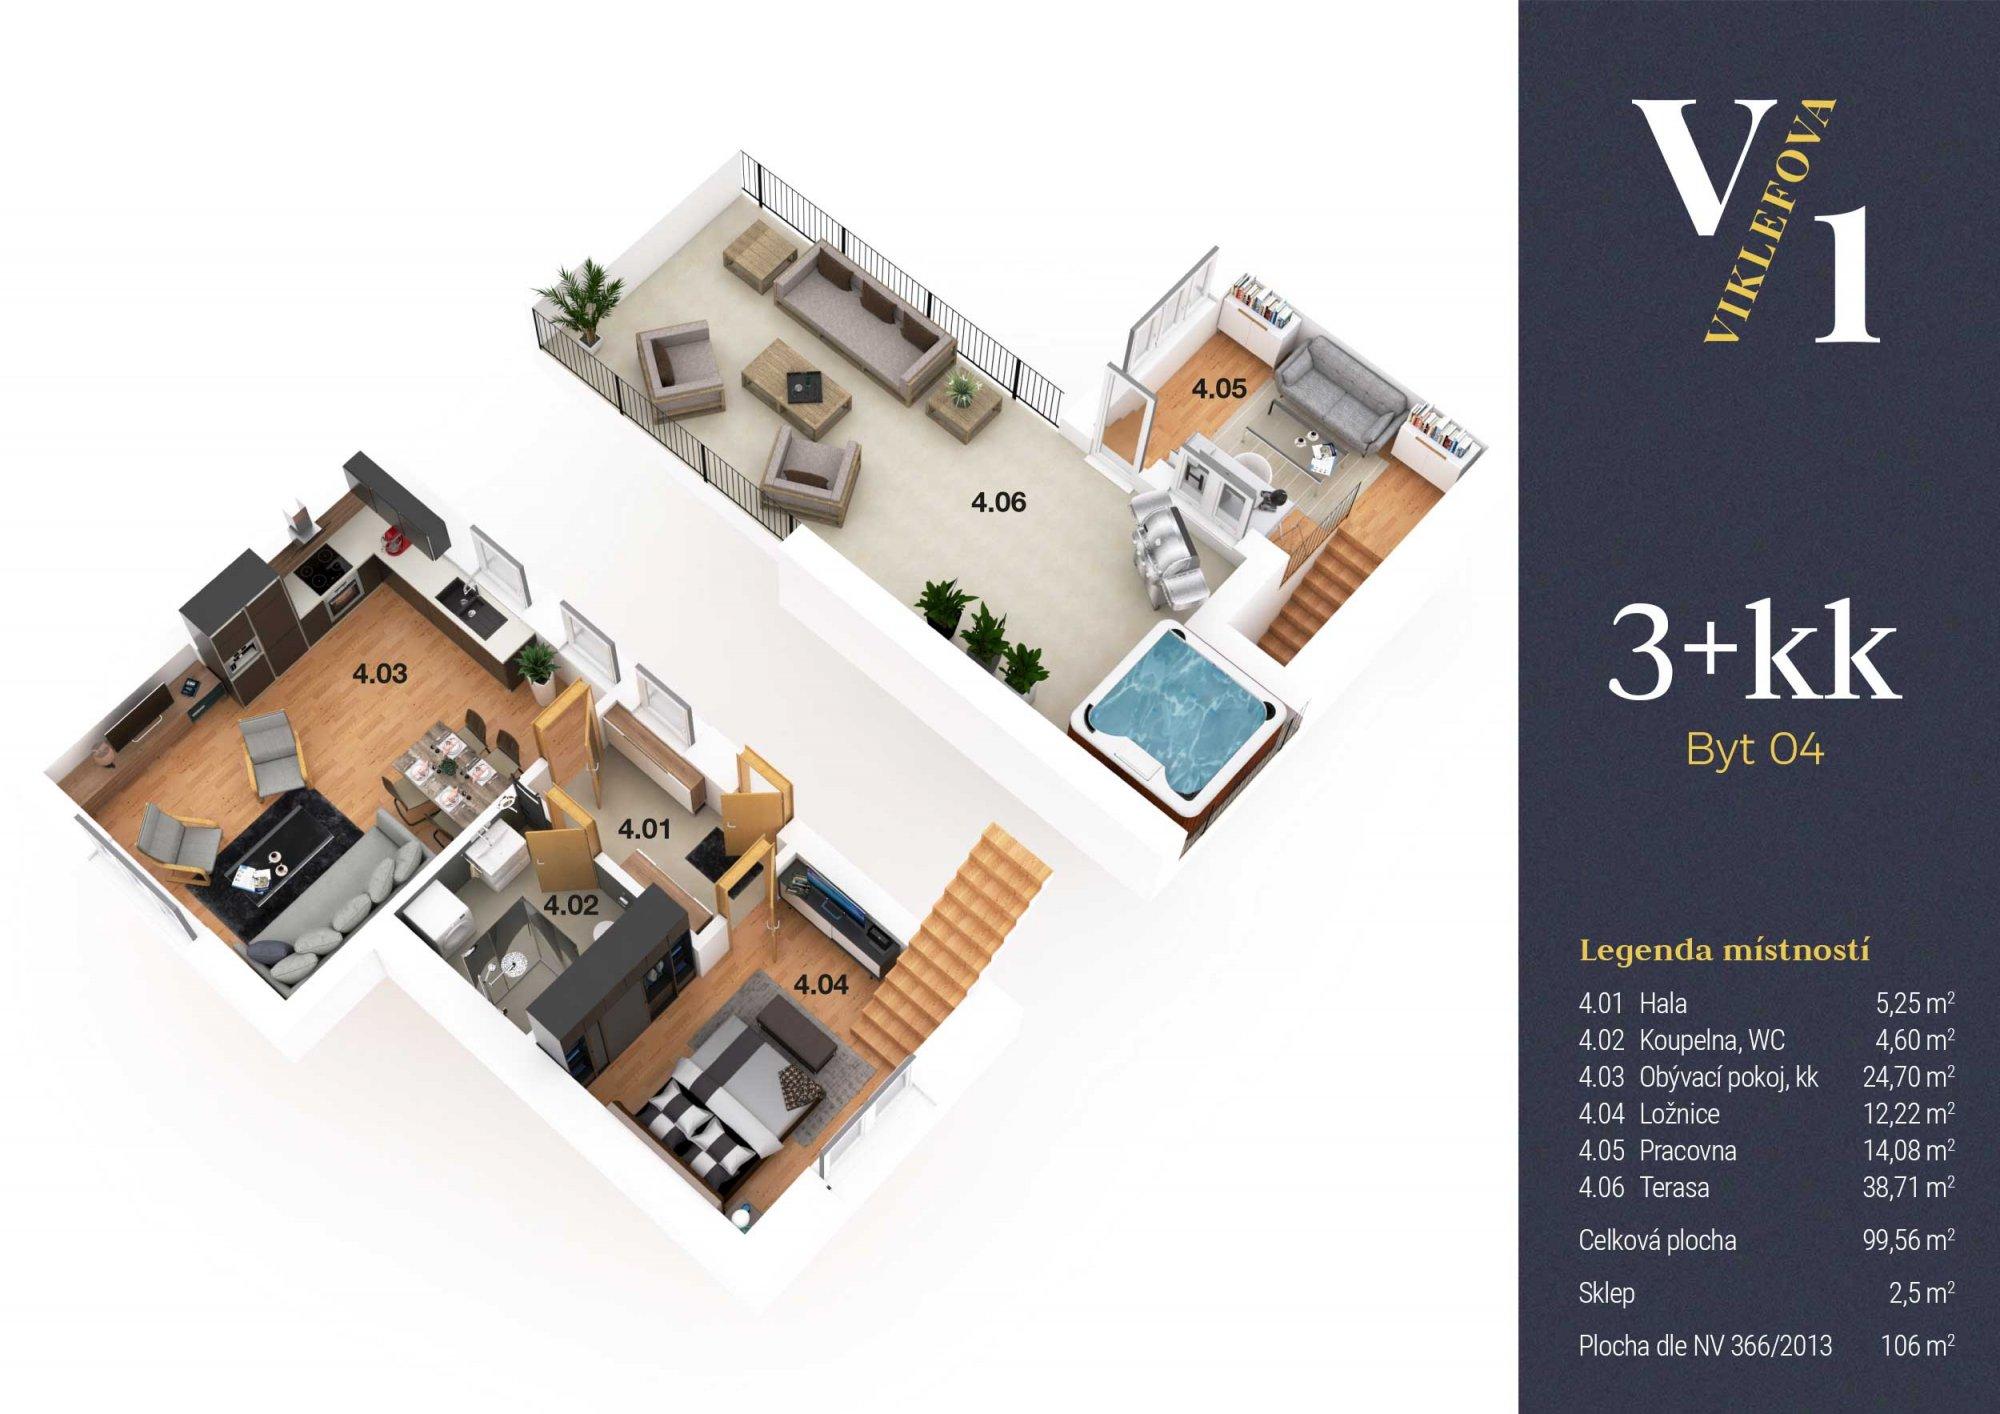 Půdorys - Půdní byt 3+kk, plocha 106 m², ulice Viklefova, Praha 8 - Žižkov